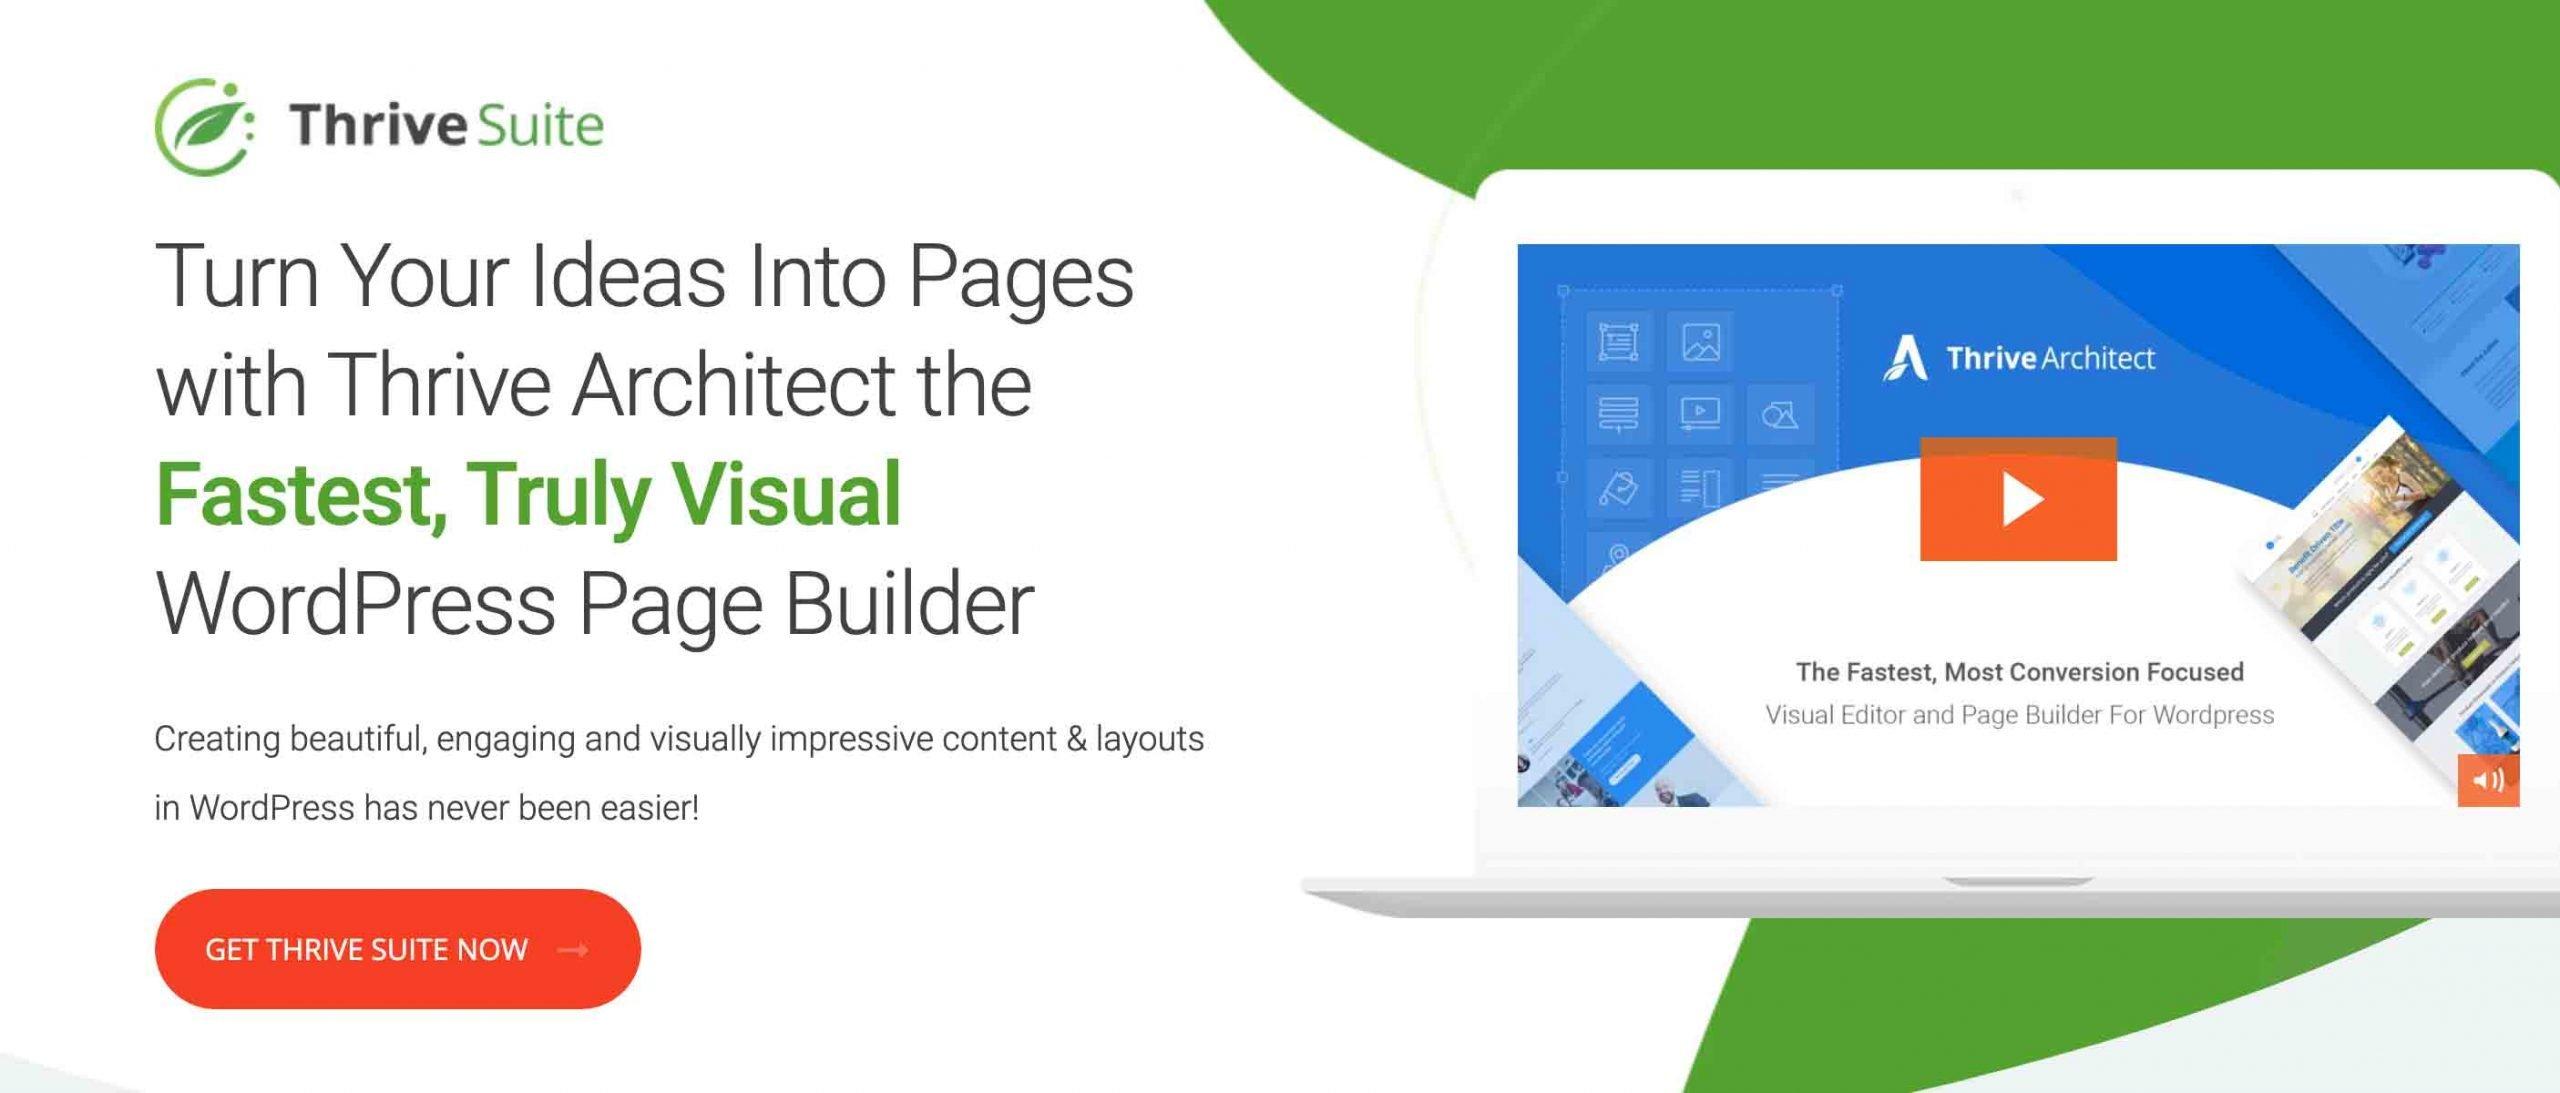 ThriveSuite WordPress Page Builder